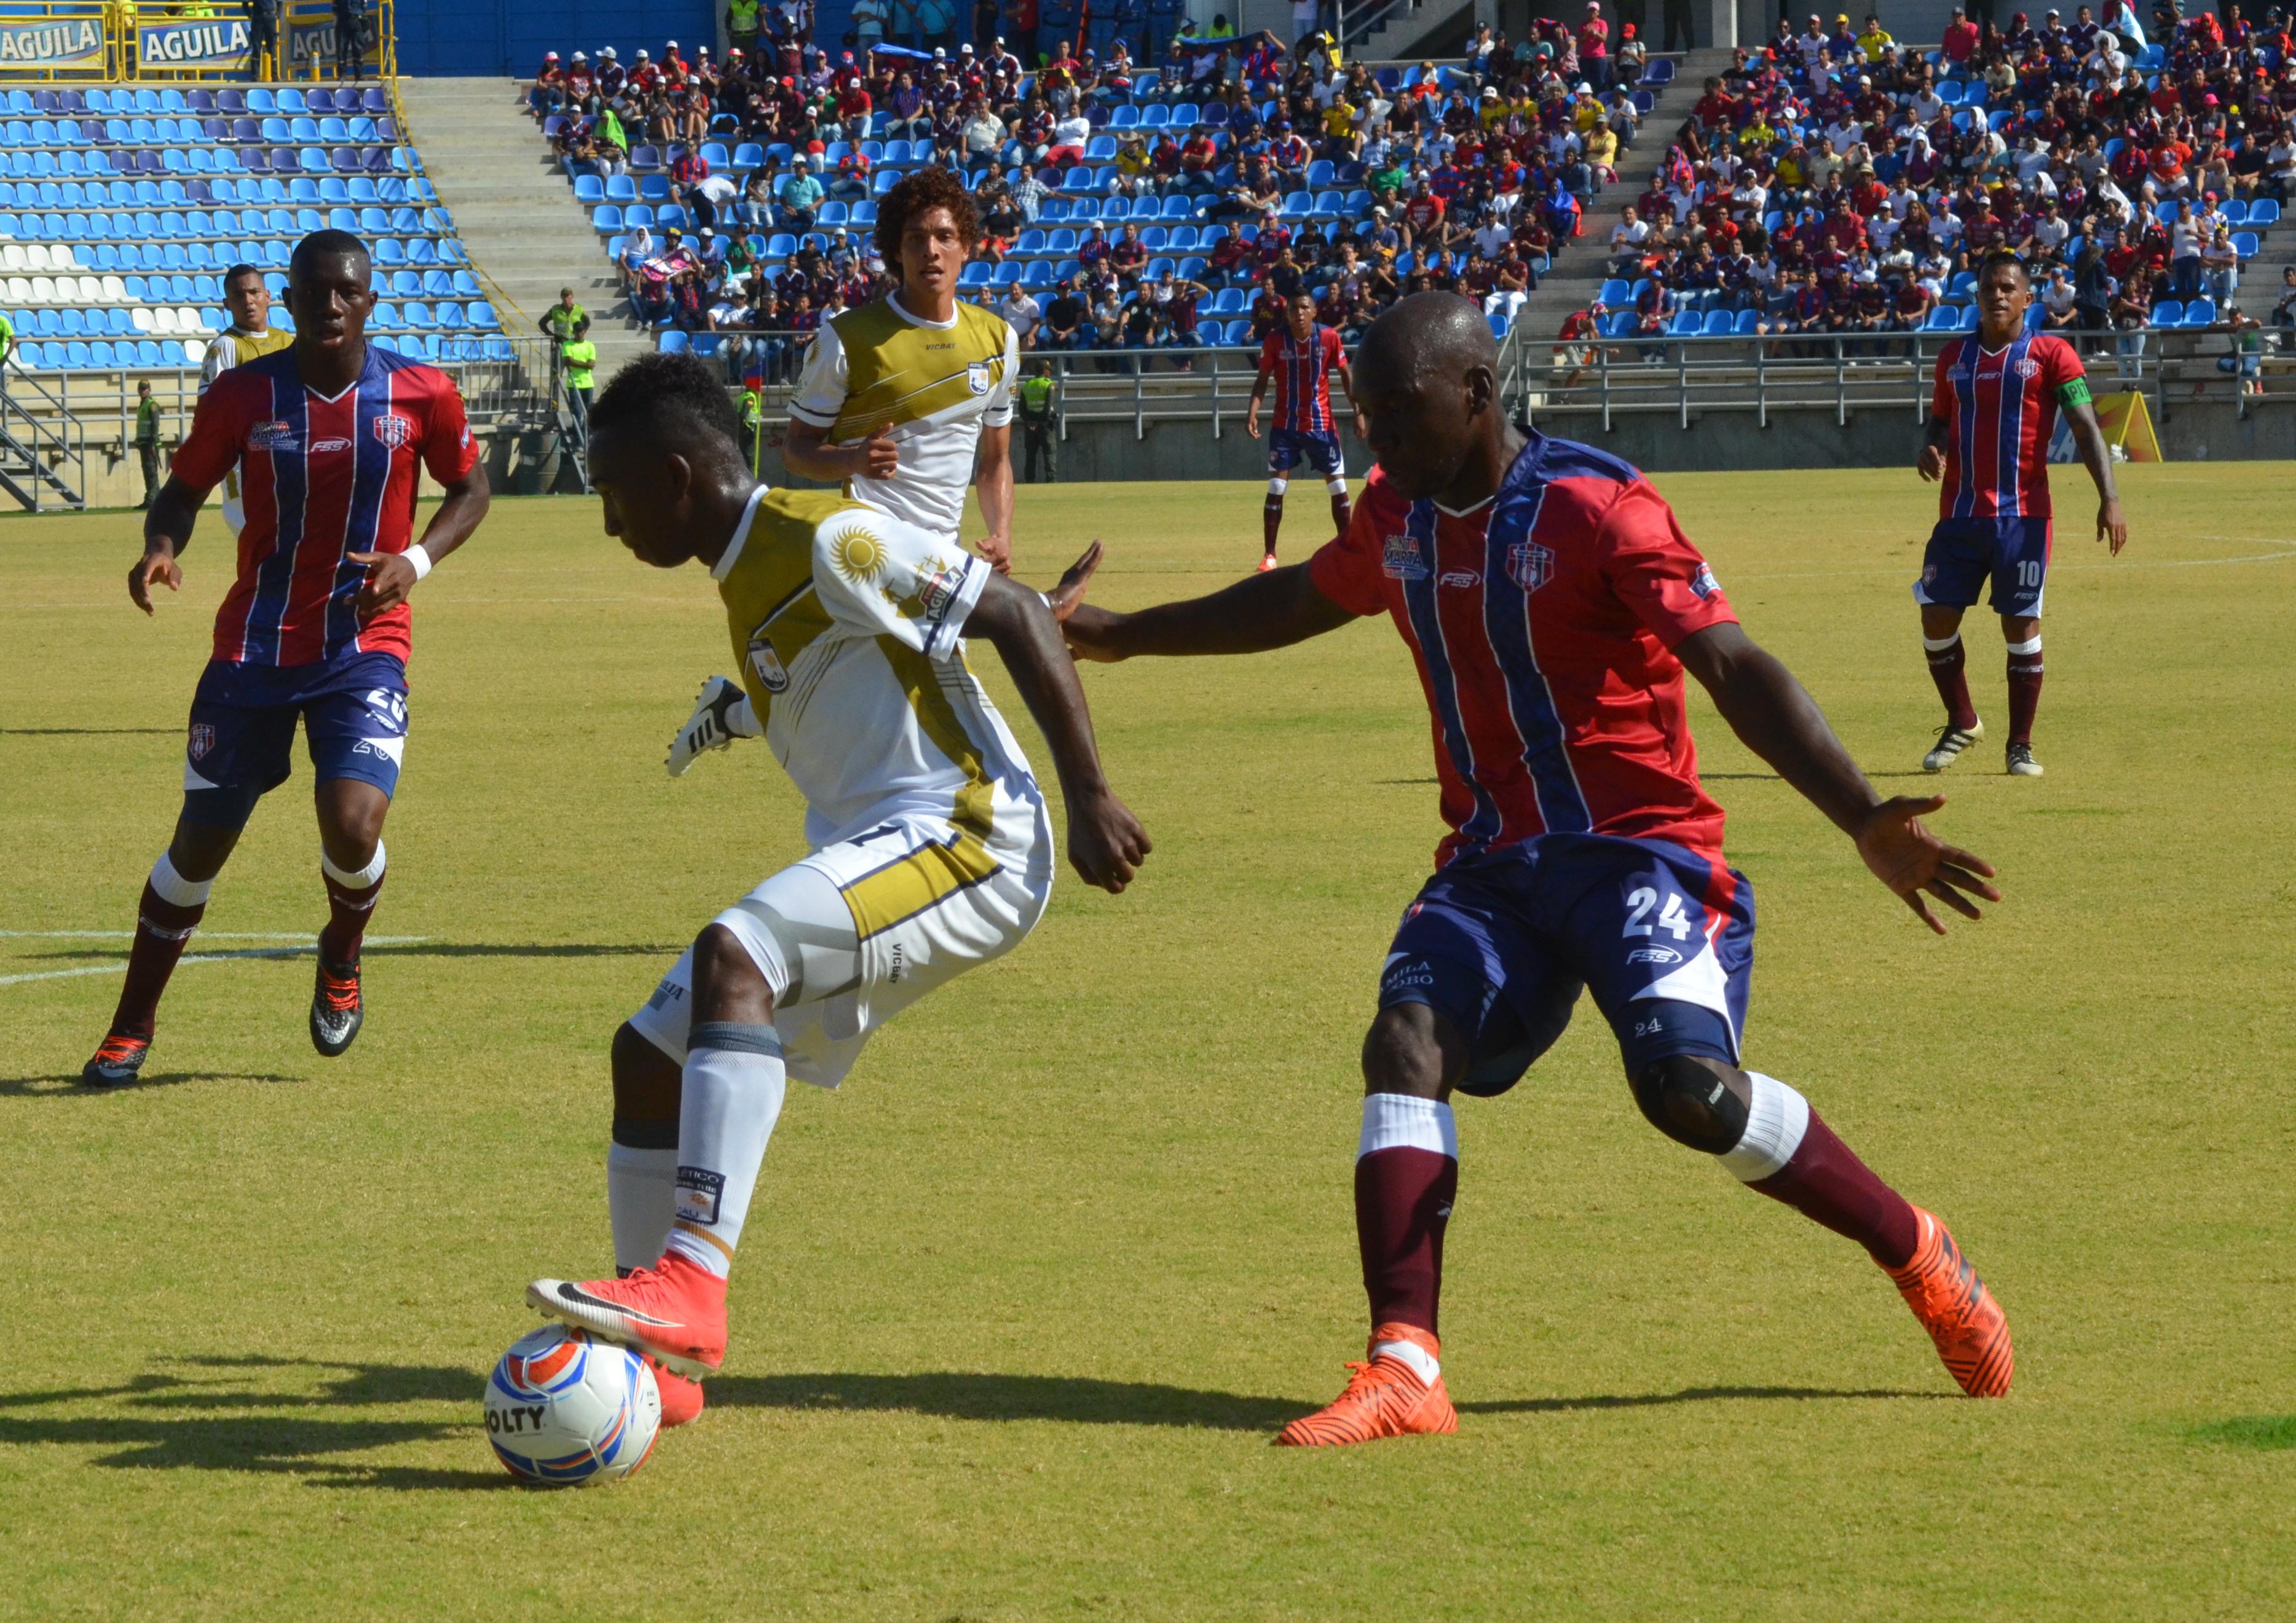 Acción de juego en el partido entre Unión Magdalena y Atlético FC.